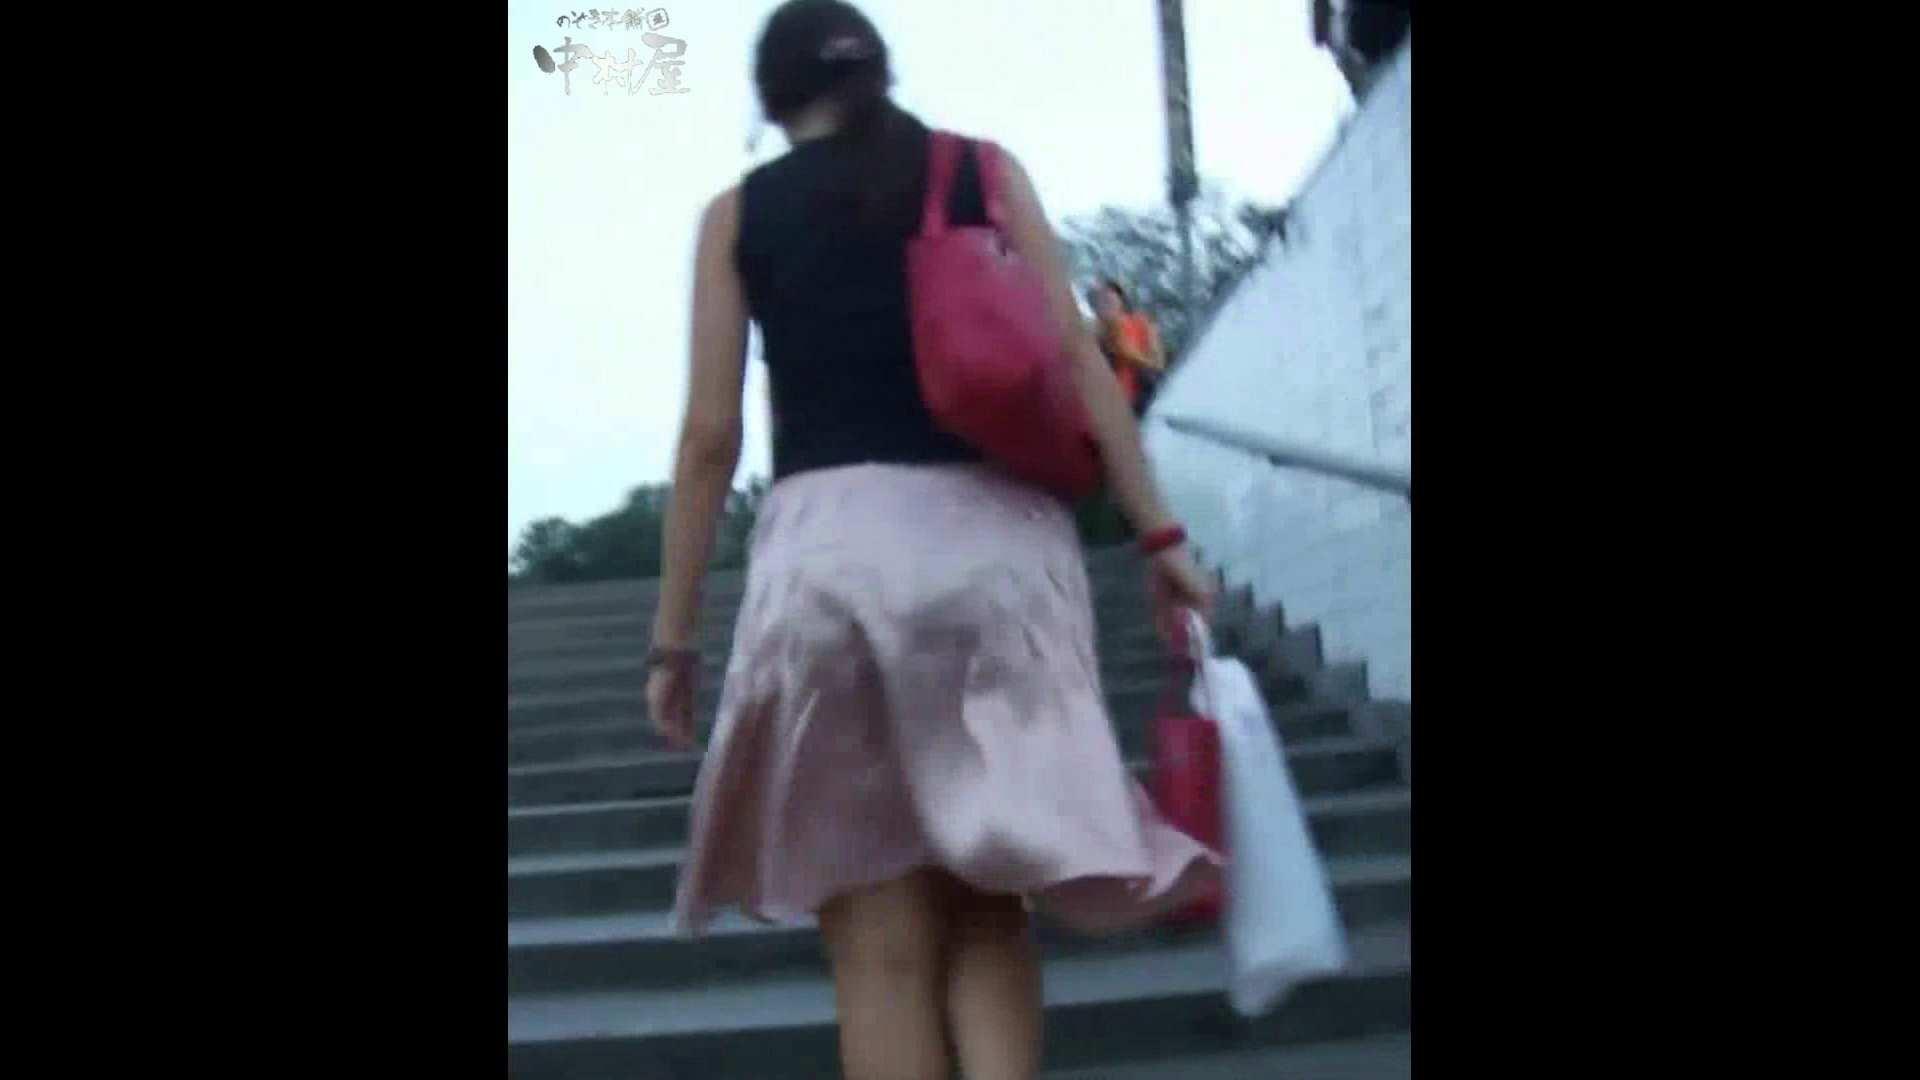 綺麗なモデルさんのスカート捲っちゃおう‼ vol15 お姉さんヌード | OLセックス  79画像 45